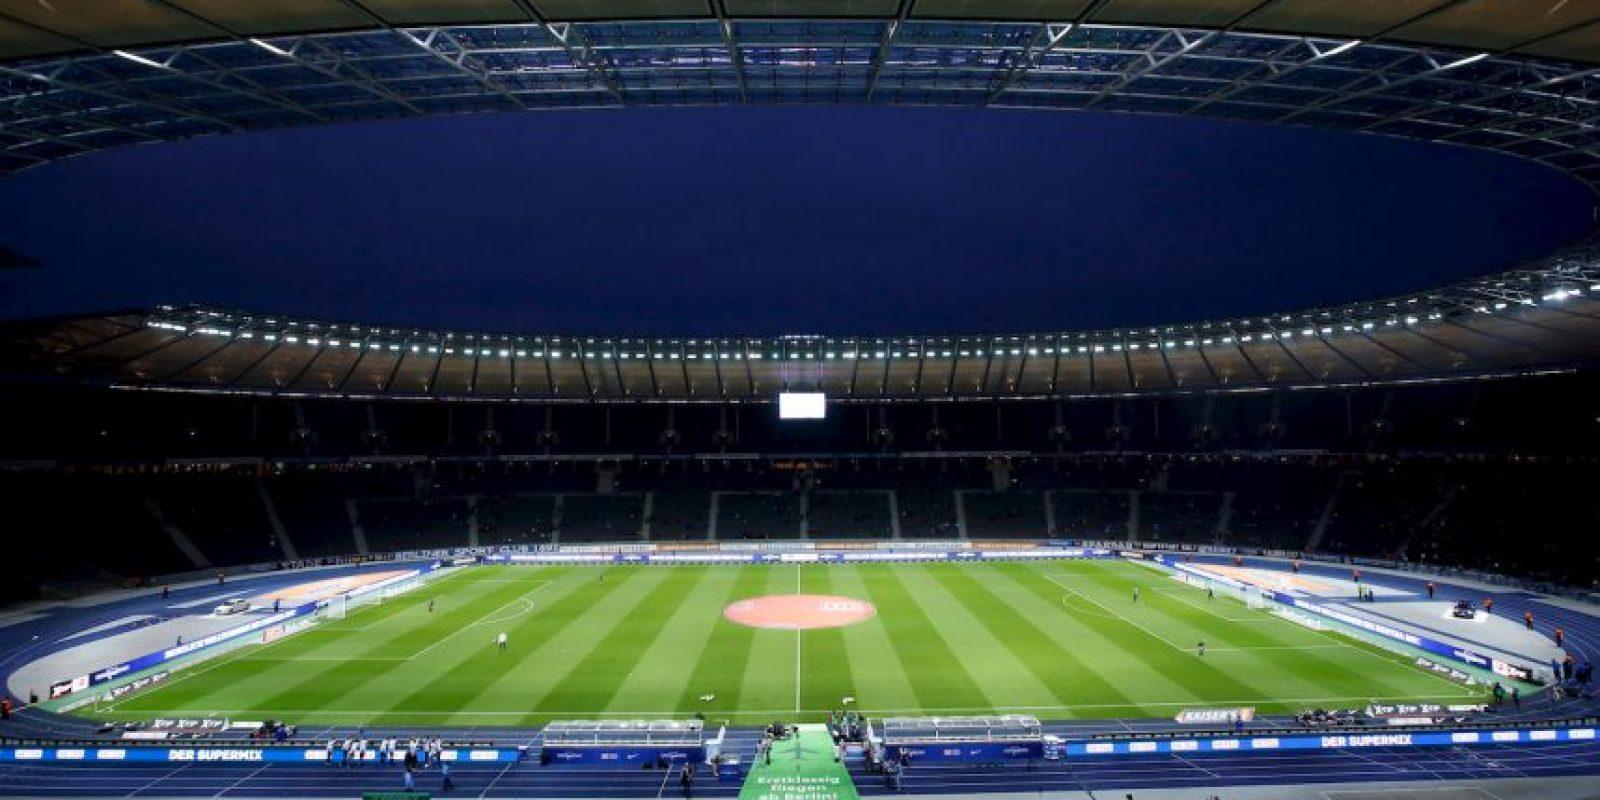 Combina la historia reciente de Alemania con modernidad. Fue construido para los Juegos Olímpicos de 1936, cuando Adolf Hitler gobernaba el país teutón y albergó la final del Mundial de 2006. Foto:Getty Images